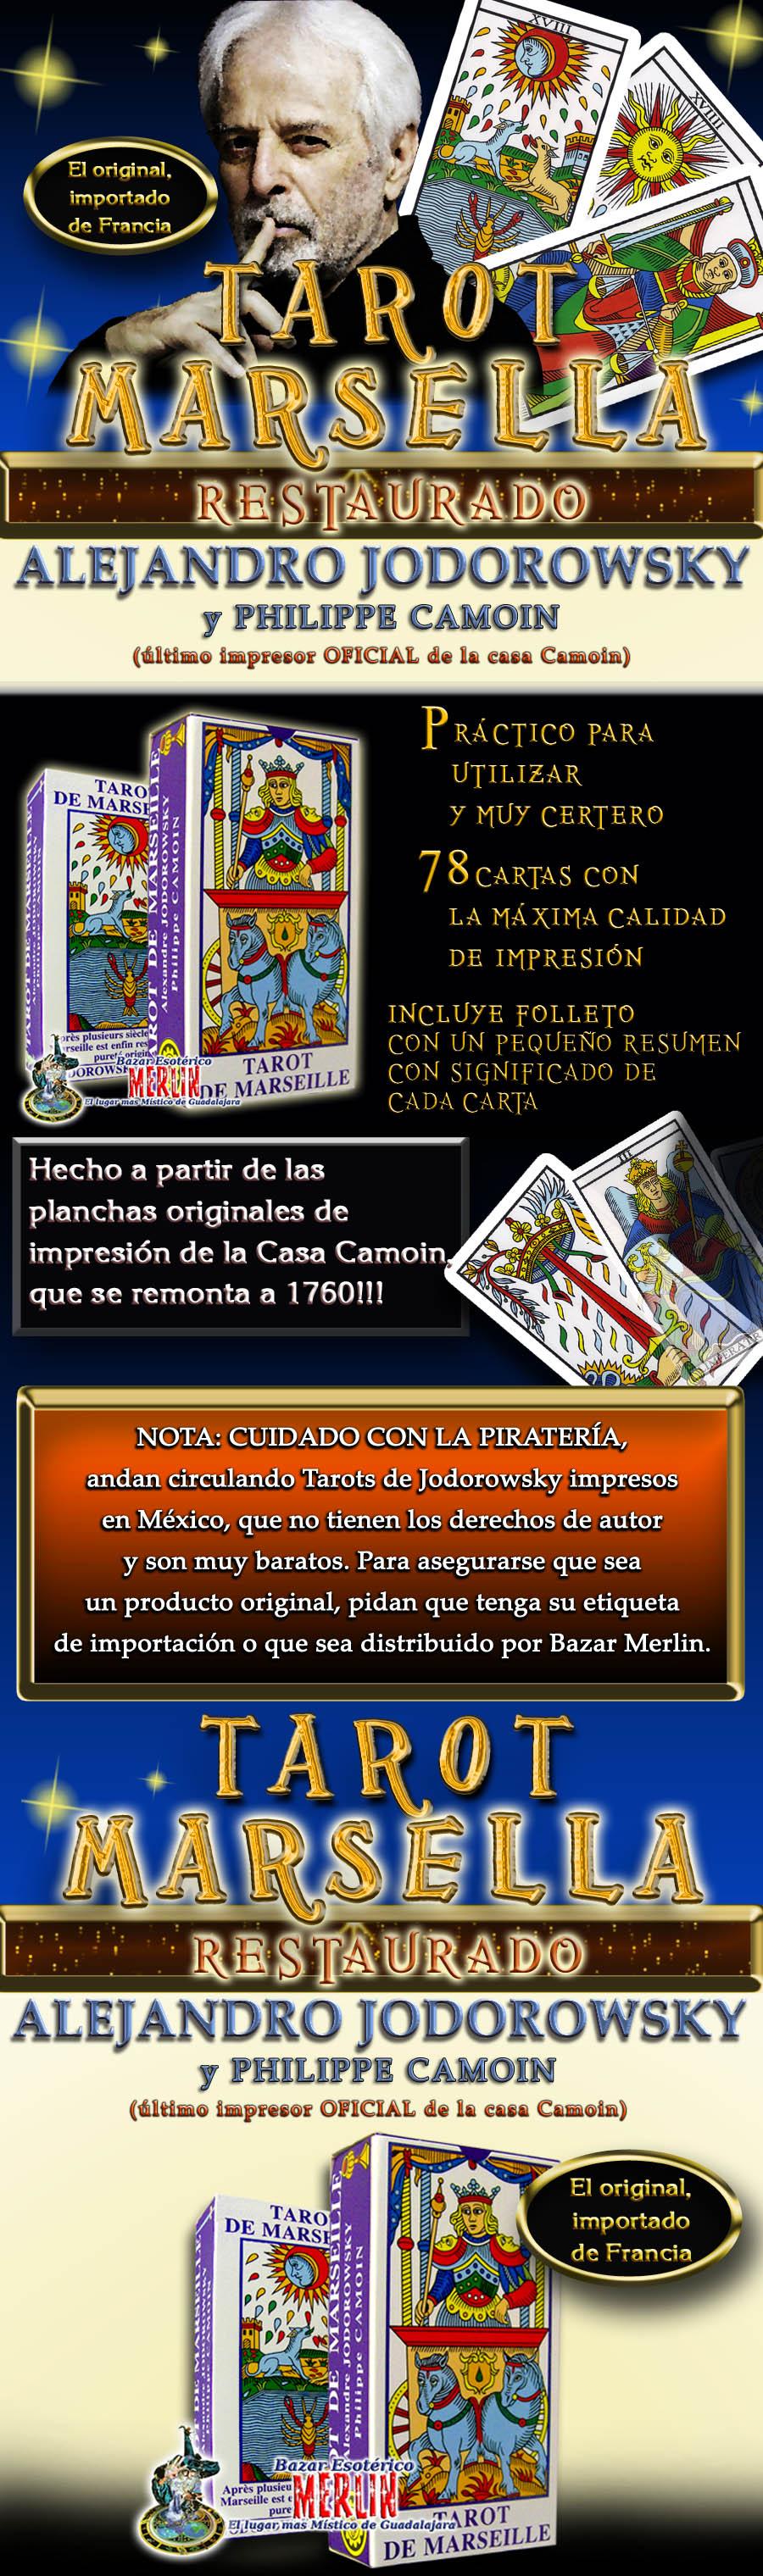 Tarot De Marsella Reconstruido Por Jodorowsky Diseno 01